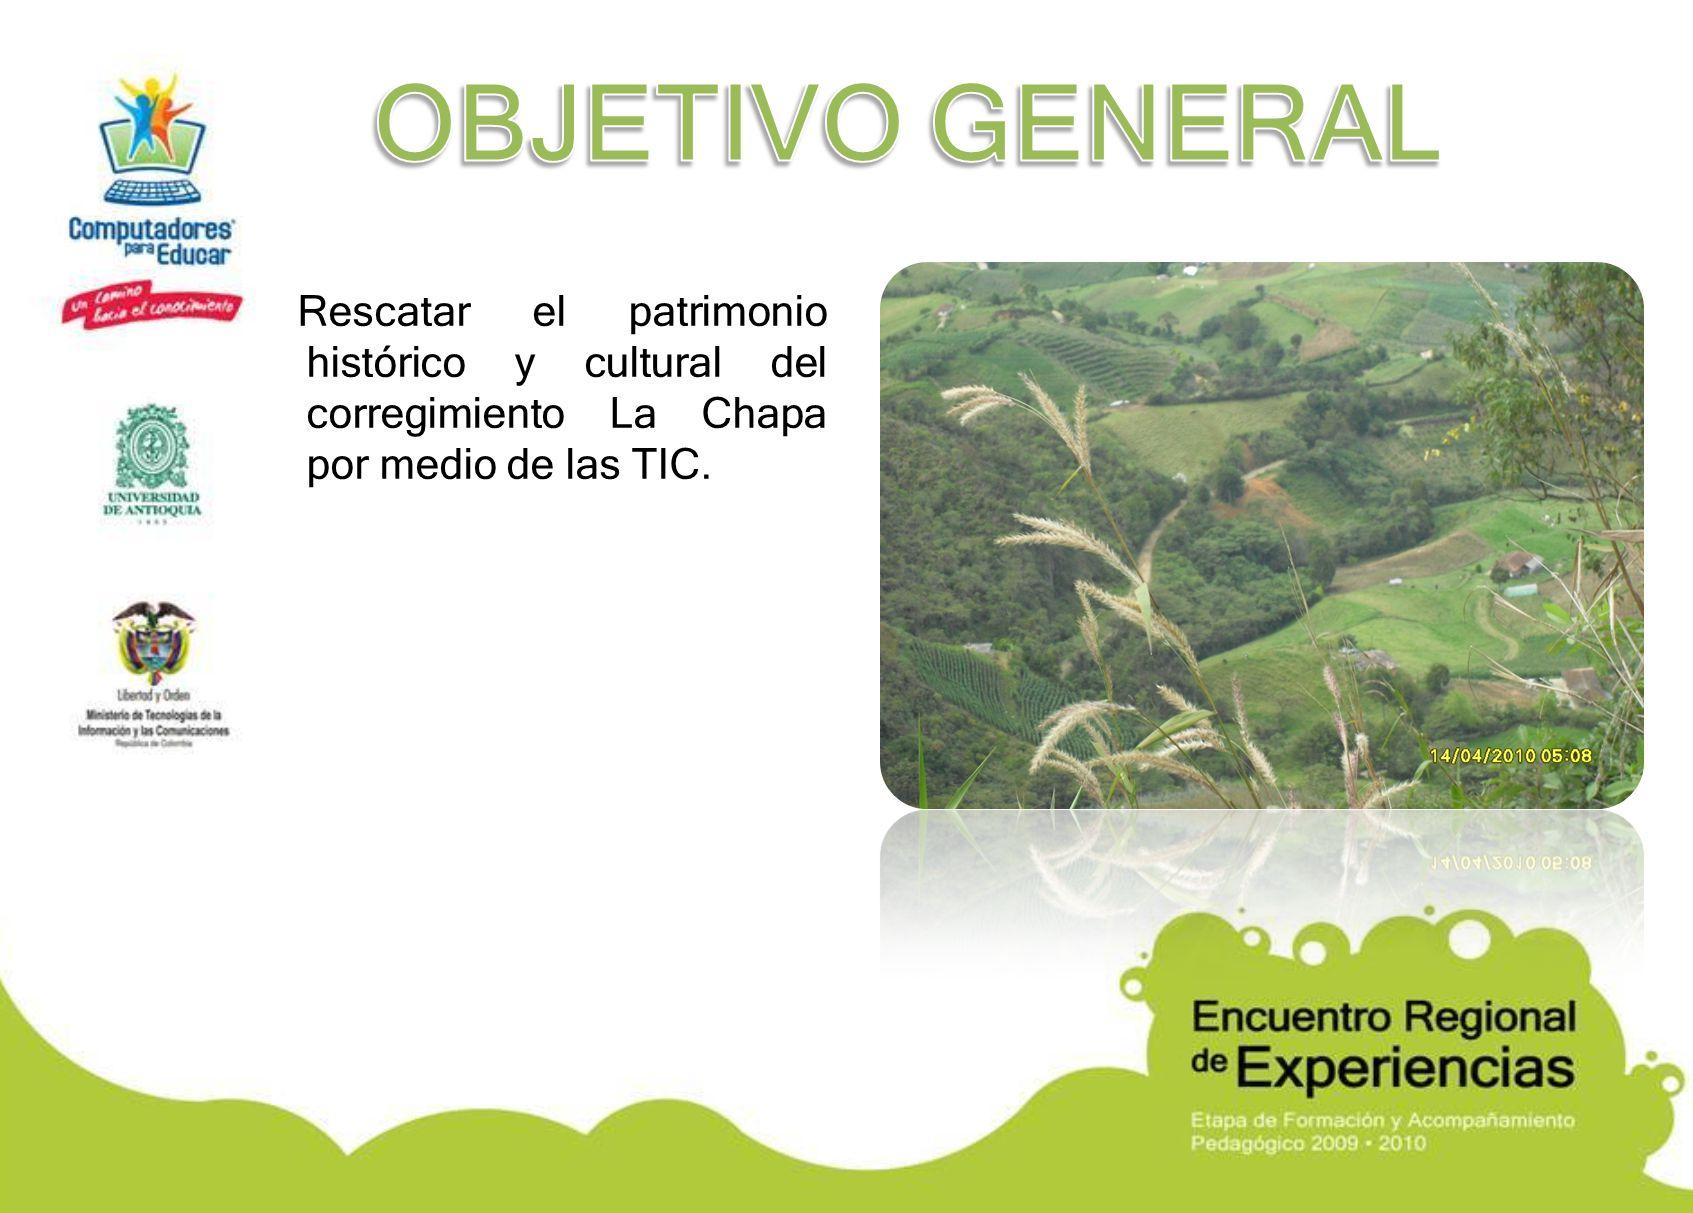 OBJETIVO GENERAL Rescatar el patrimonio histórico y cultural del corregimiento La Chapa por medio de las TIC.